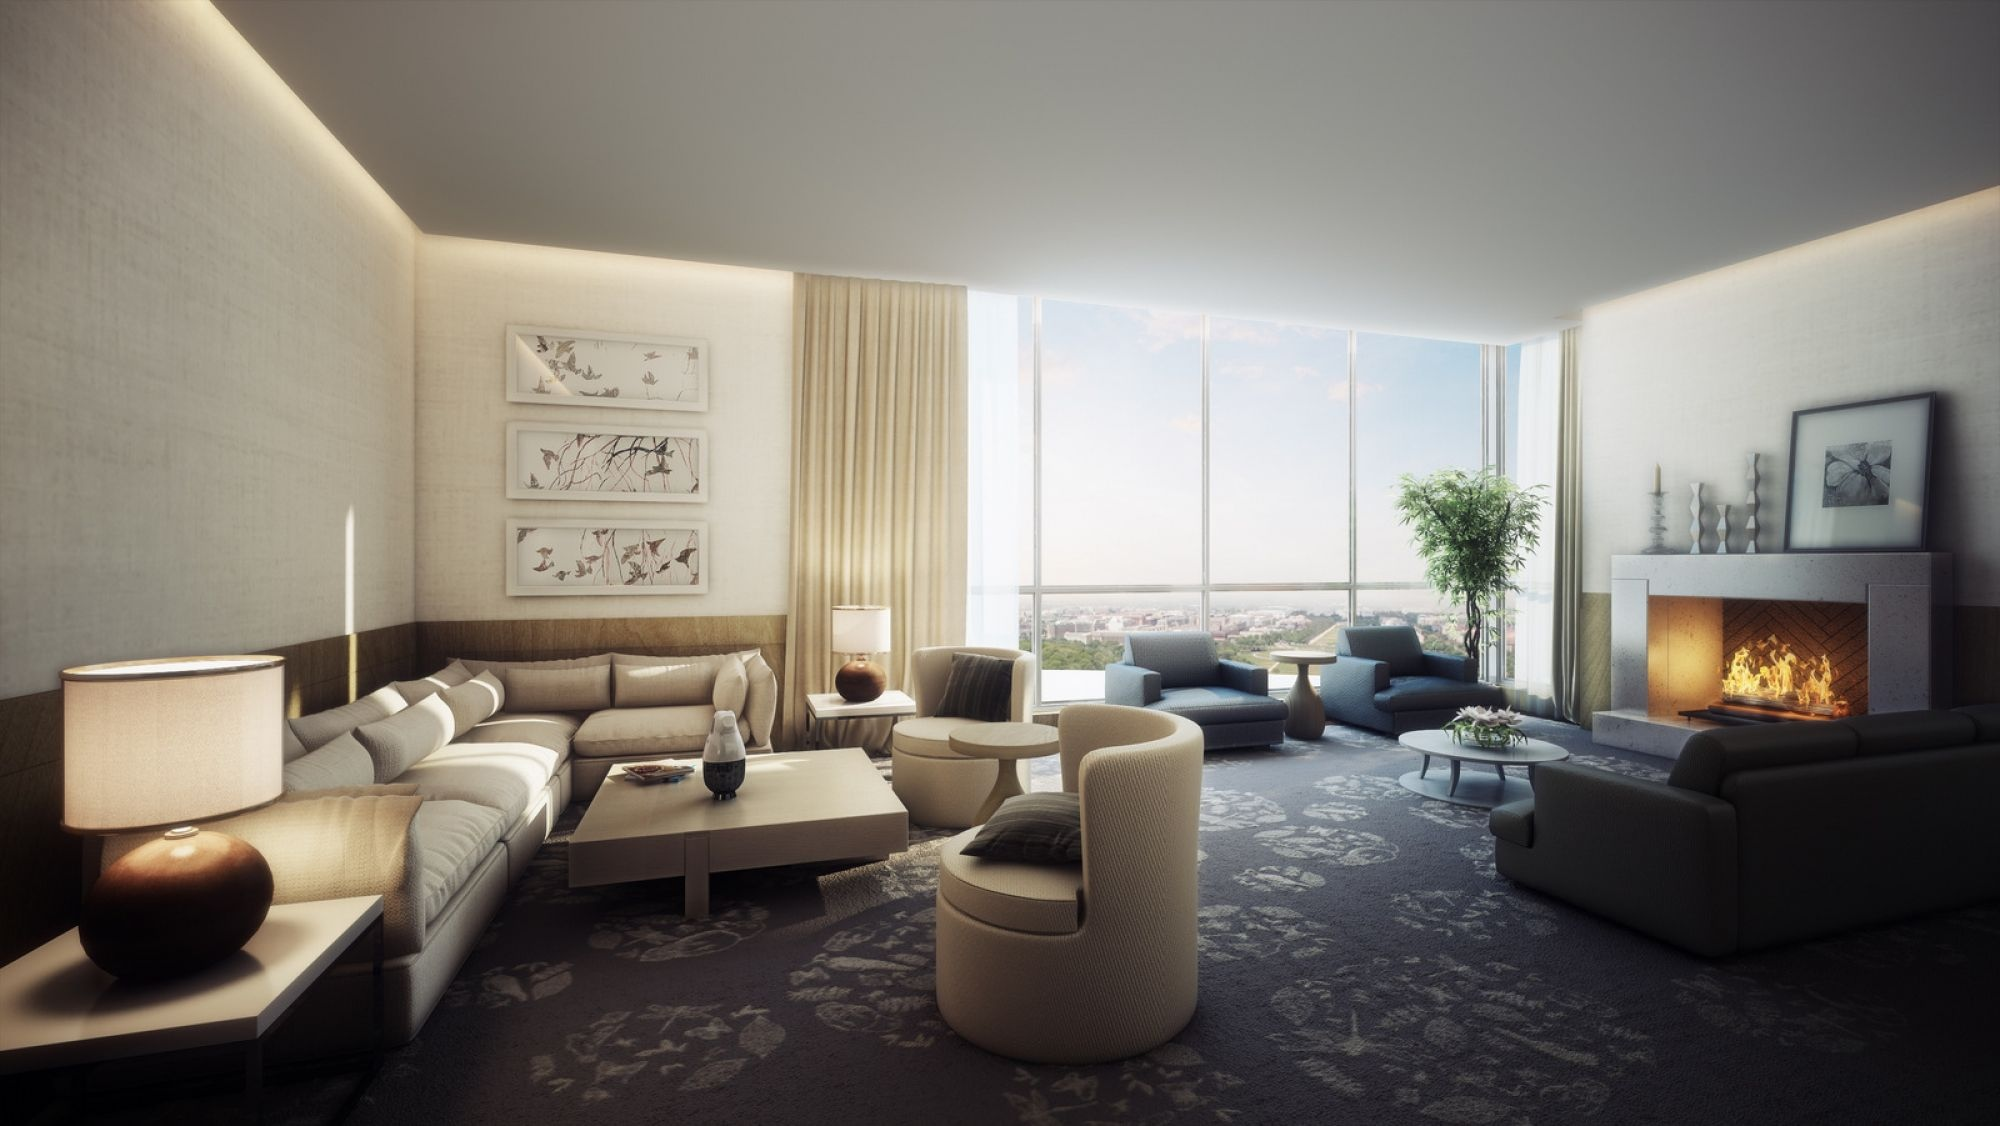 classic living room decor sofas for interior design ideas